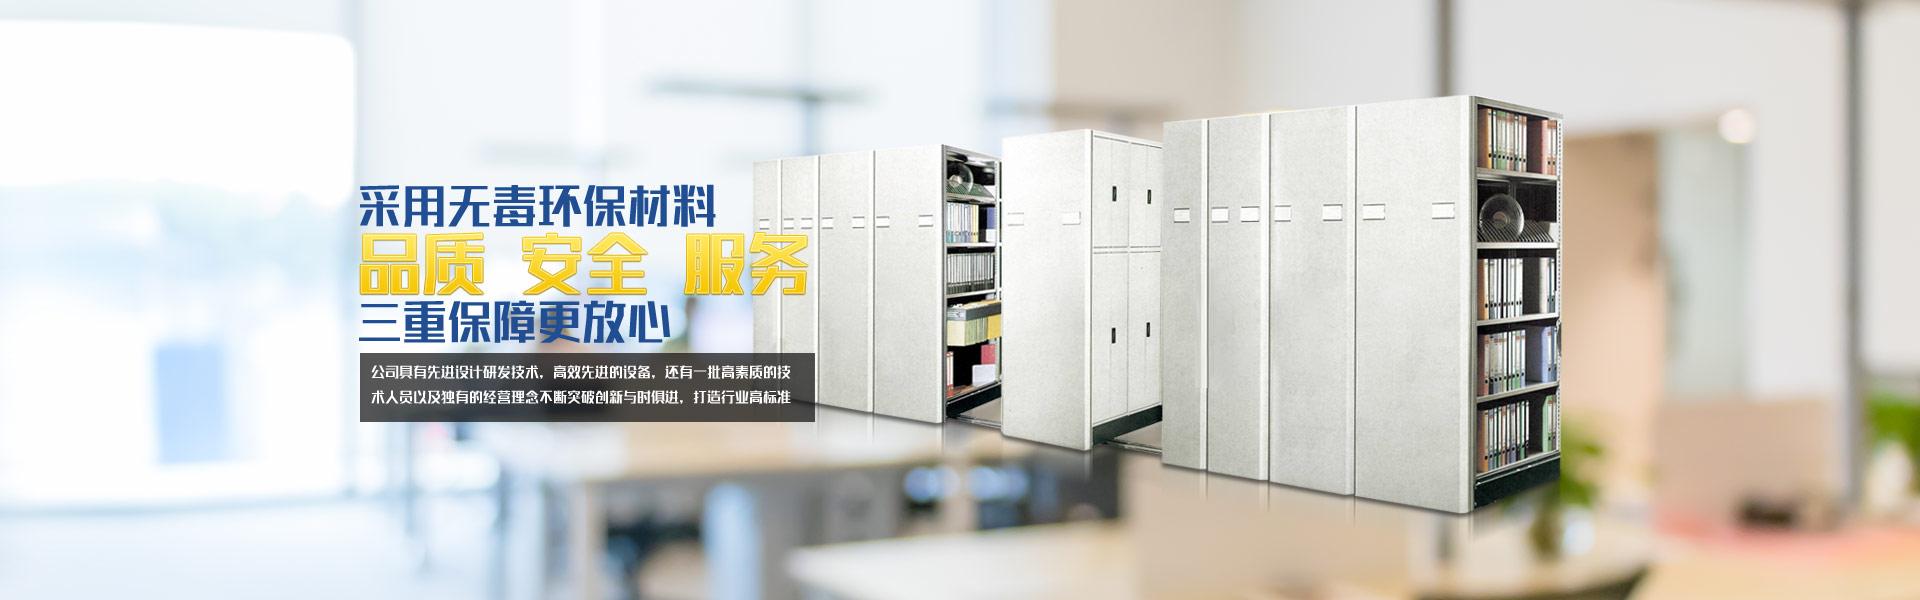 专业设计团队,趣ying登lu注册xin潮流;